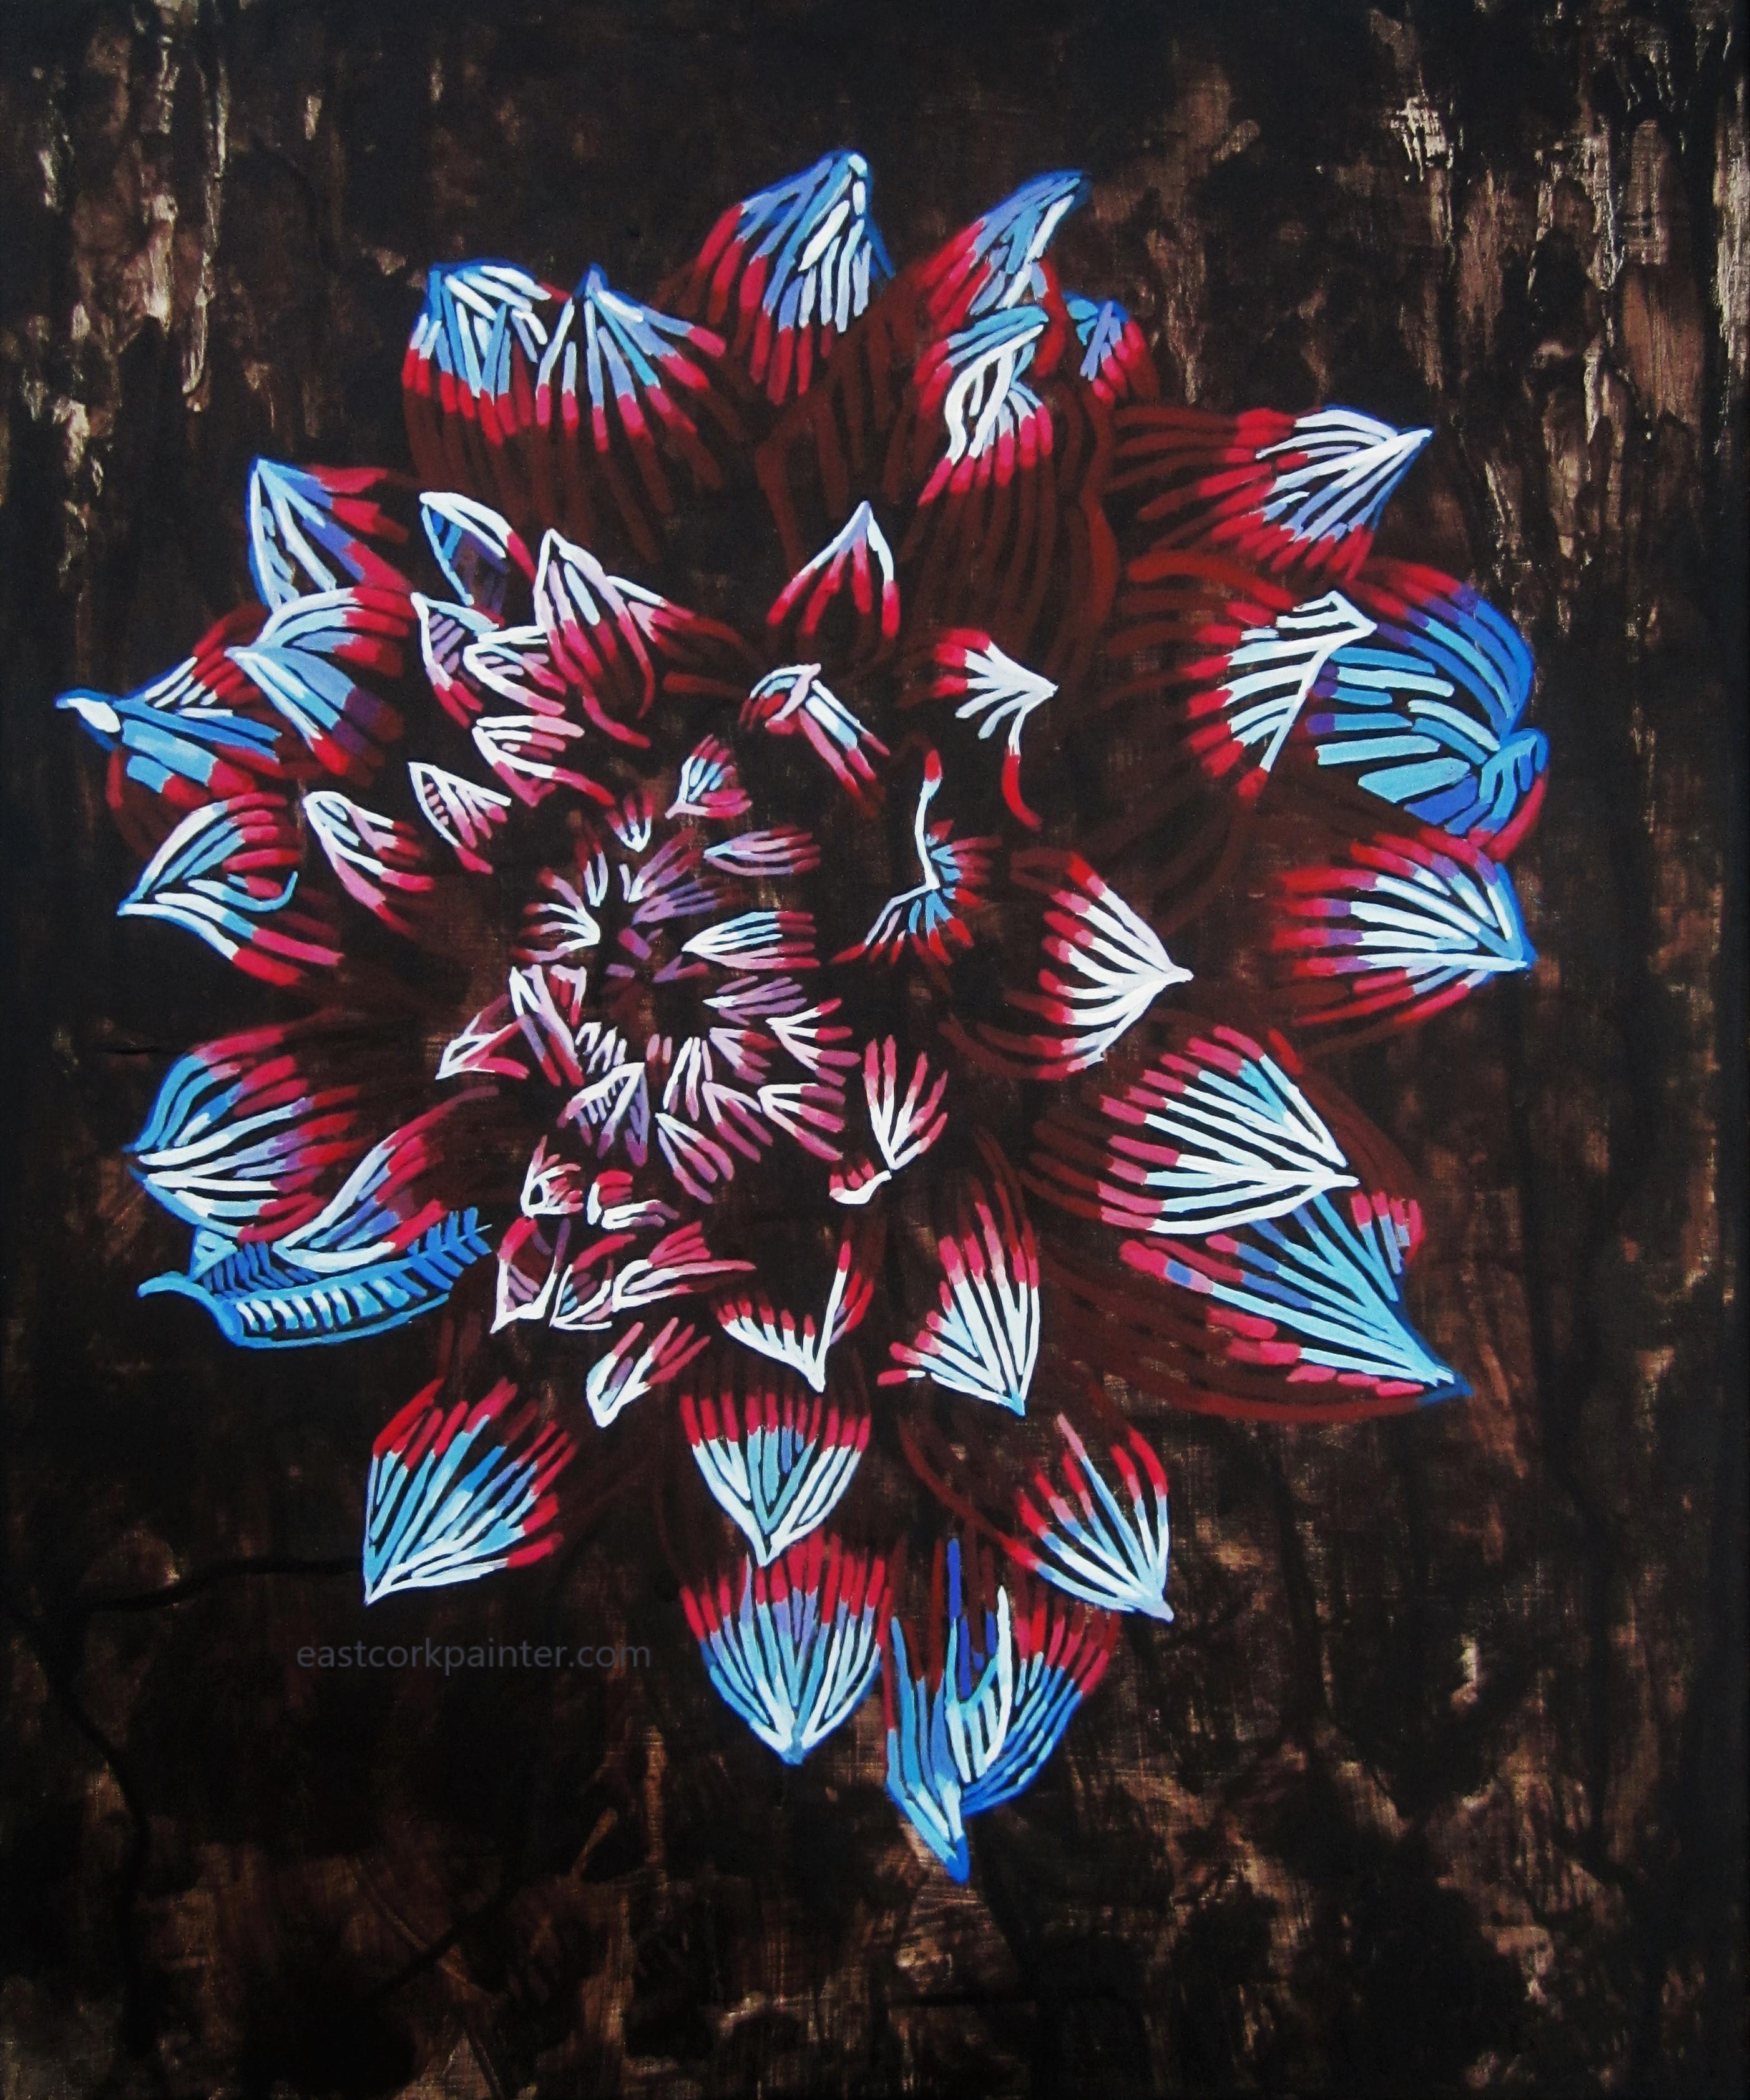 Deconstructed Dahlia watermark